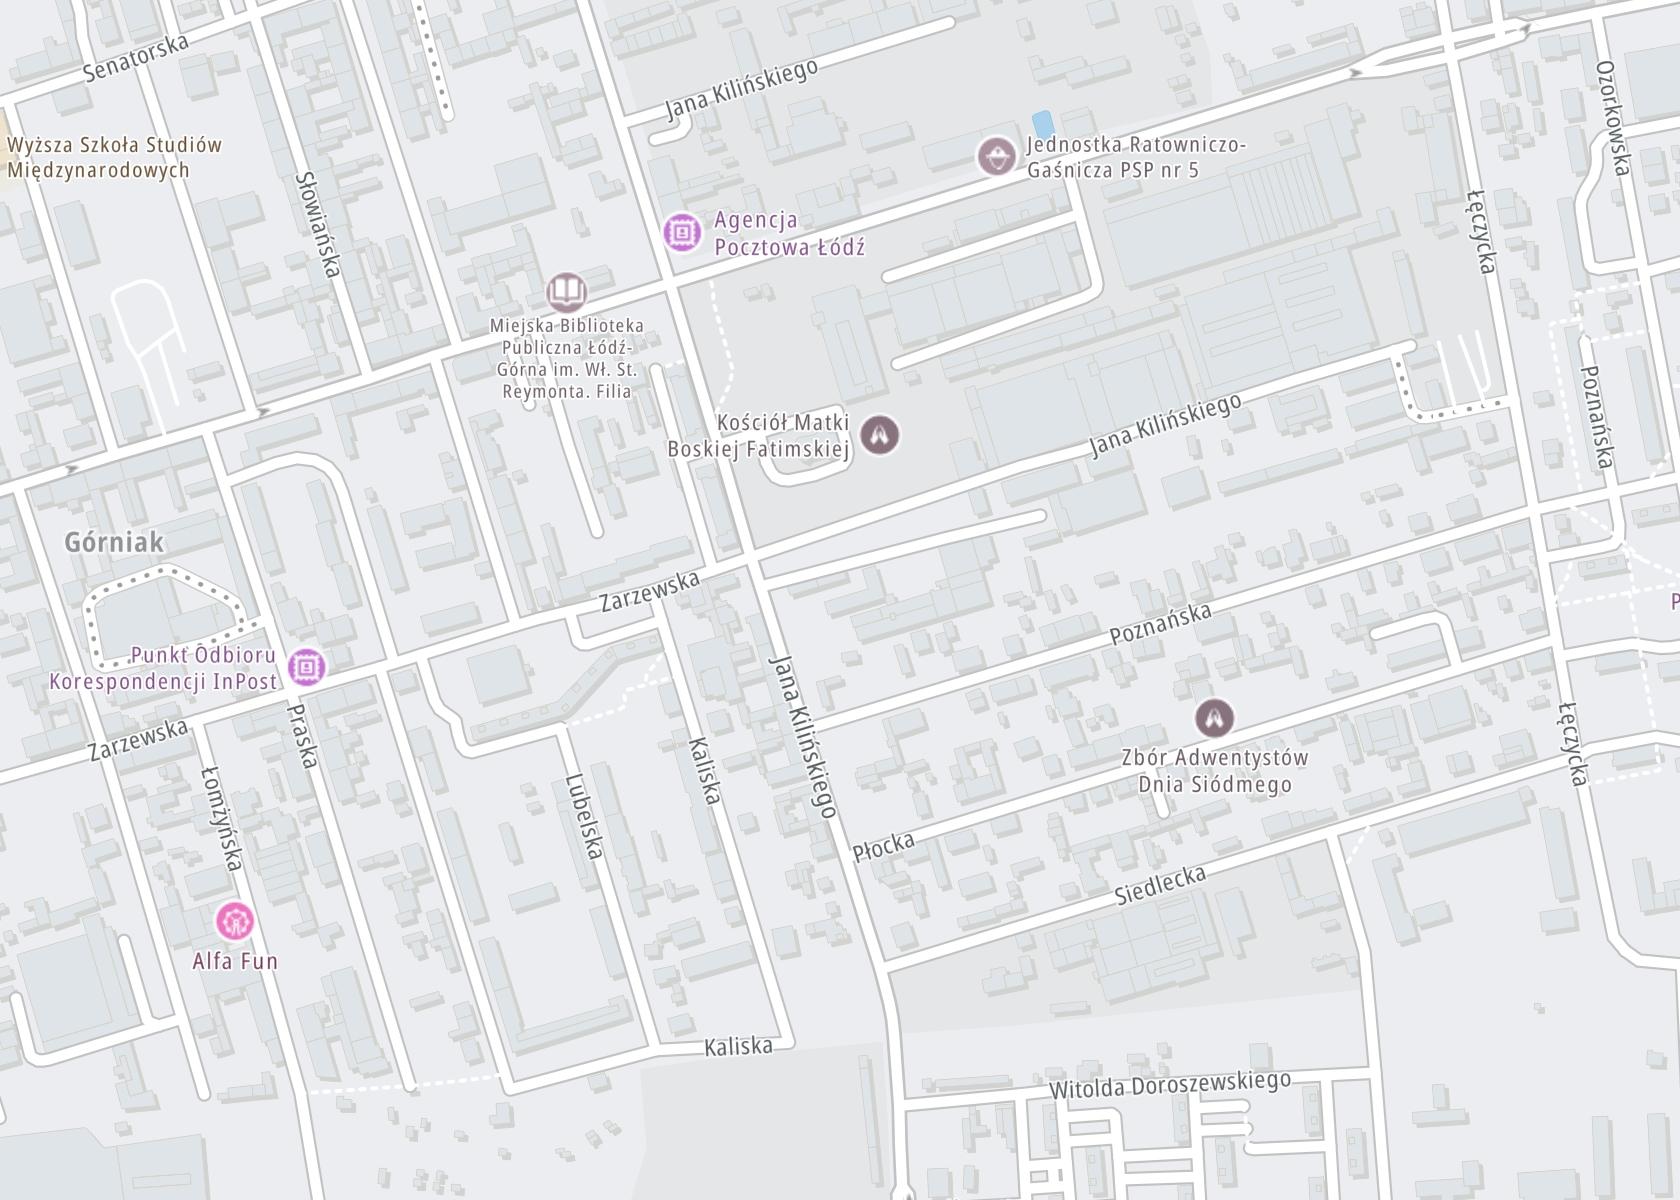 Położenie Miejskie Centrum Terapii i Profilaktyki Zdrowotnej – Zakład Psychoterapii Uzależnień Poradnia Leczenia Uzależnień na mapie